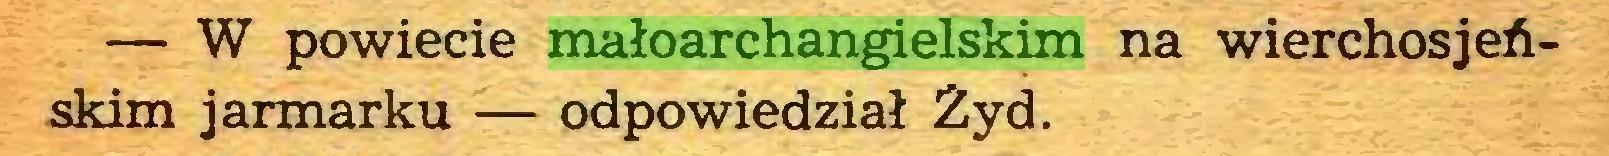 (...) — W powiecie małoarchangielskim na wierchosjeńskim jarmarku — odpowiedział Żyd...